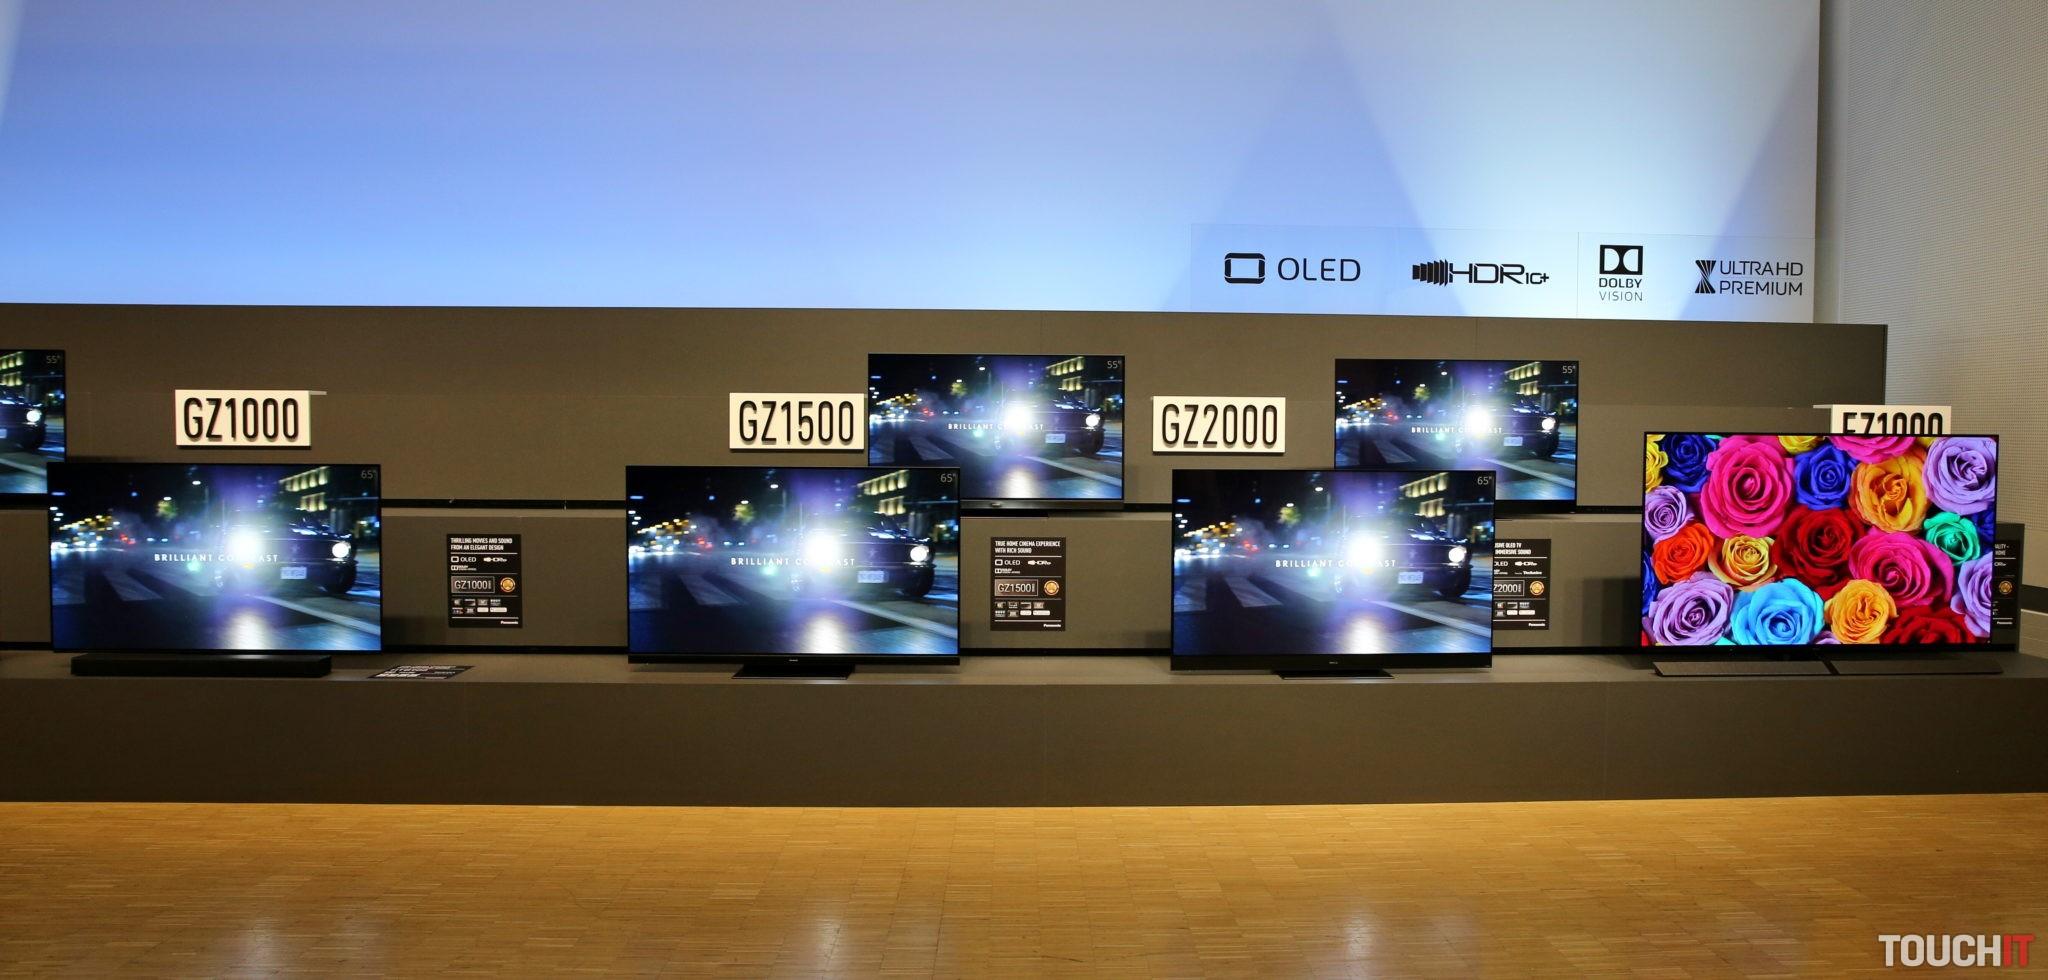 696f15c96 Panasonic ukázal na Convention svoje rodinné striebro. Nové televízory  prídu aj na Slovensko. V čom je ich výhoda?